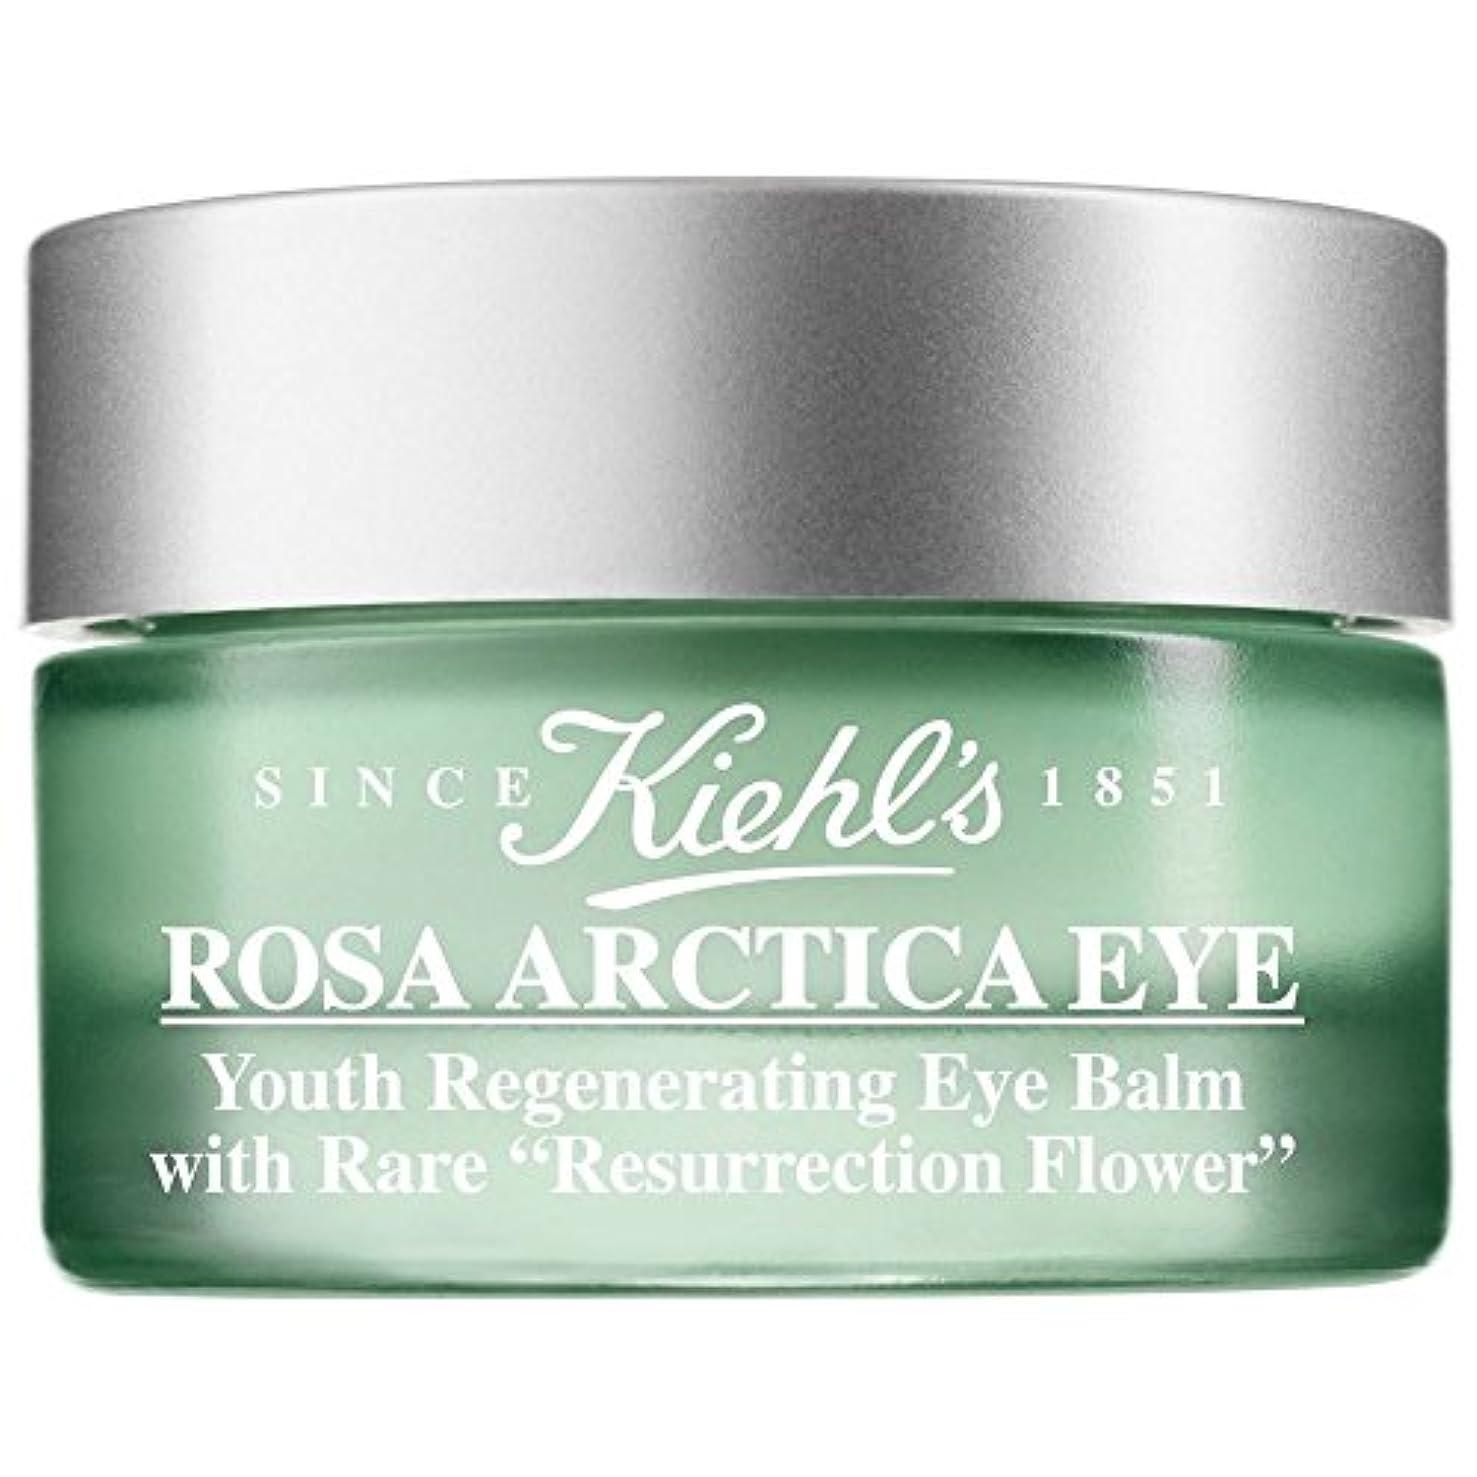 侵入合成レポートを書く[Kiehl's] キールズローザArticaアイ14ミリリットル - Kiehl's Rosa Artica Eye 14ml [並行輸入品]